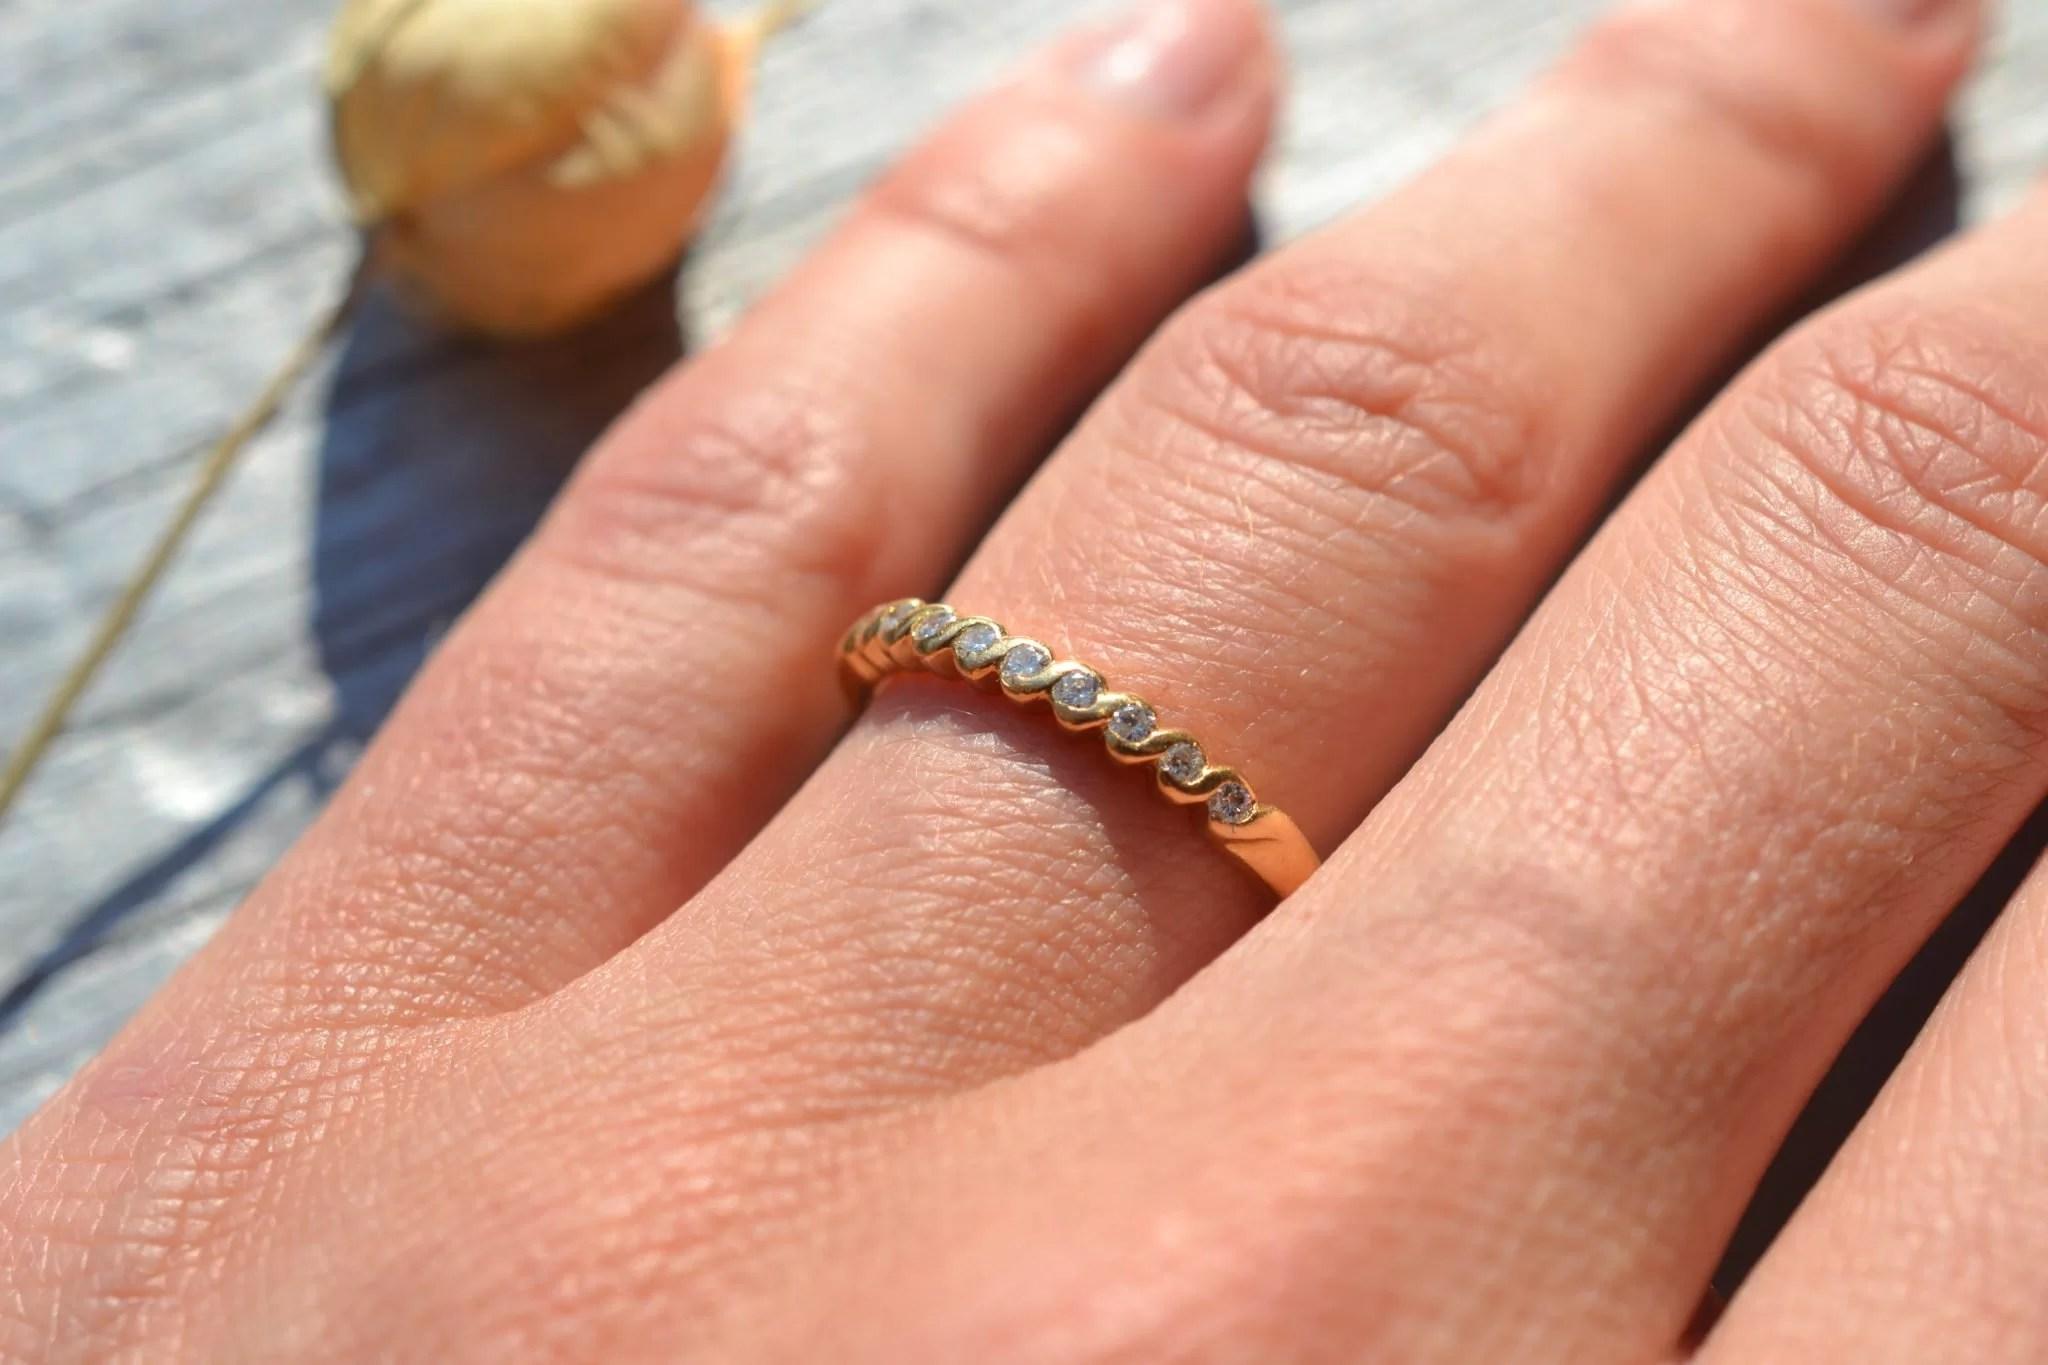 bague ancienne demi alliance américaine en Or jaune 18 carats et diamants - bijou ancien mariage vintage